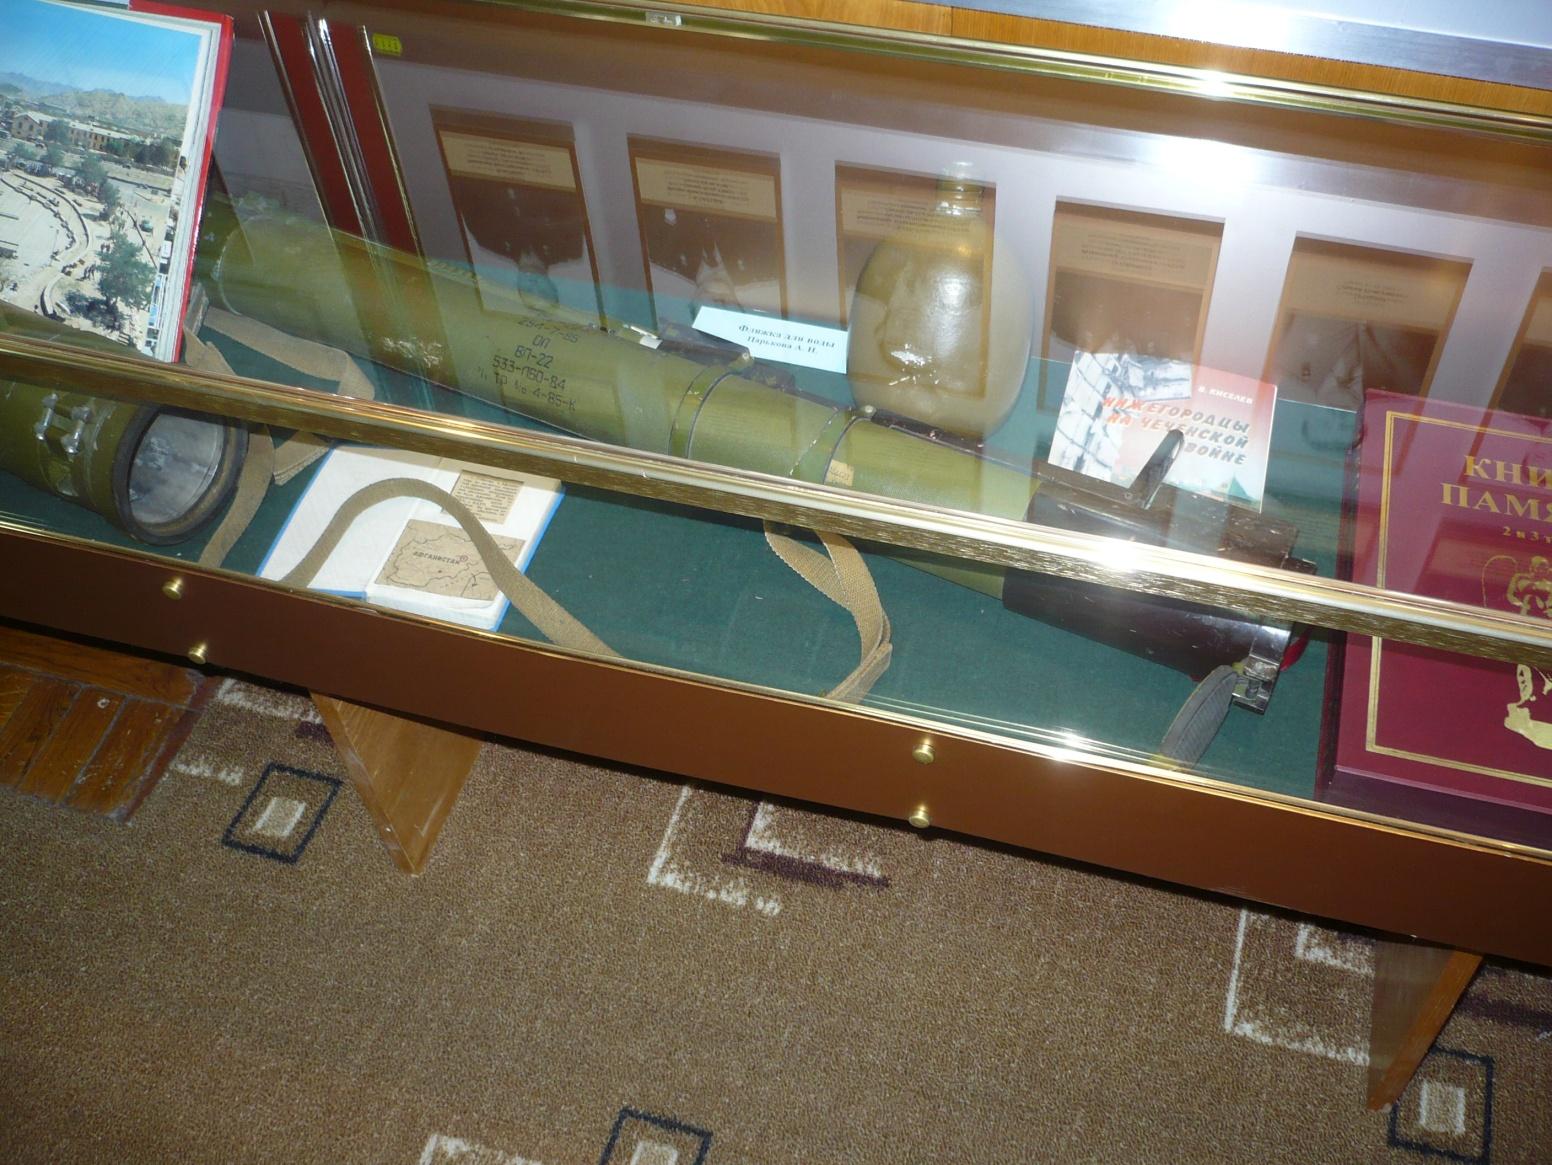 I:\Архив\разное рабочий стол\разное\Т.А\экскурсия в музей ГУВД\P1030060.JPG